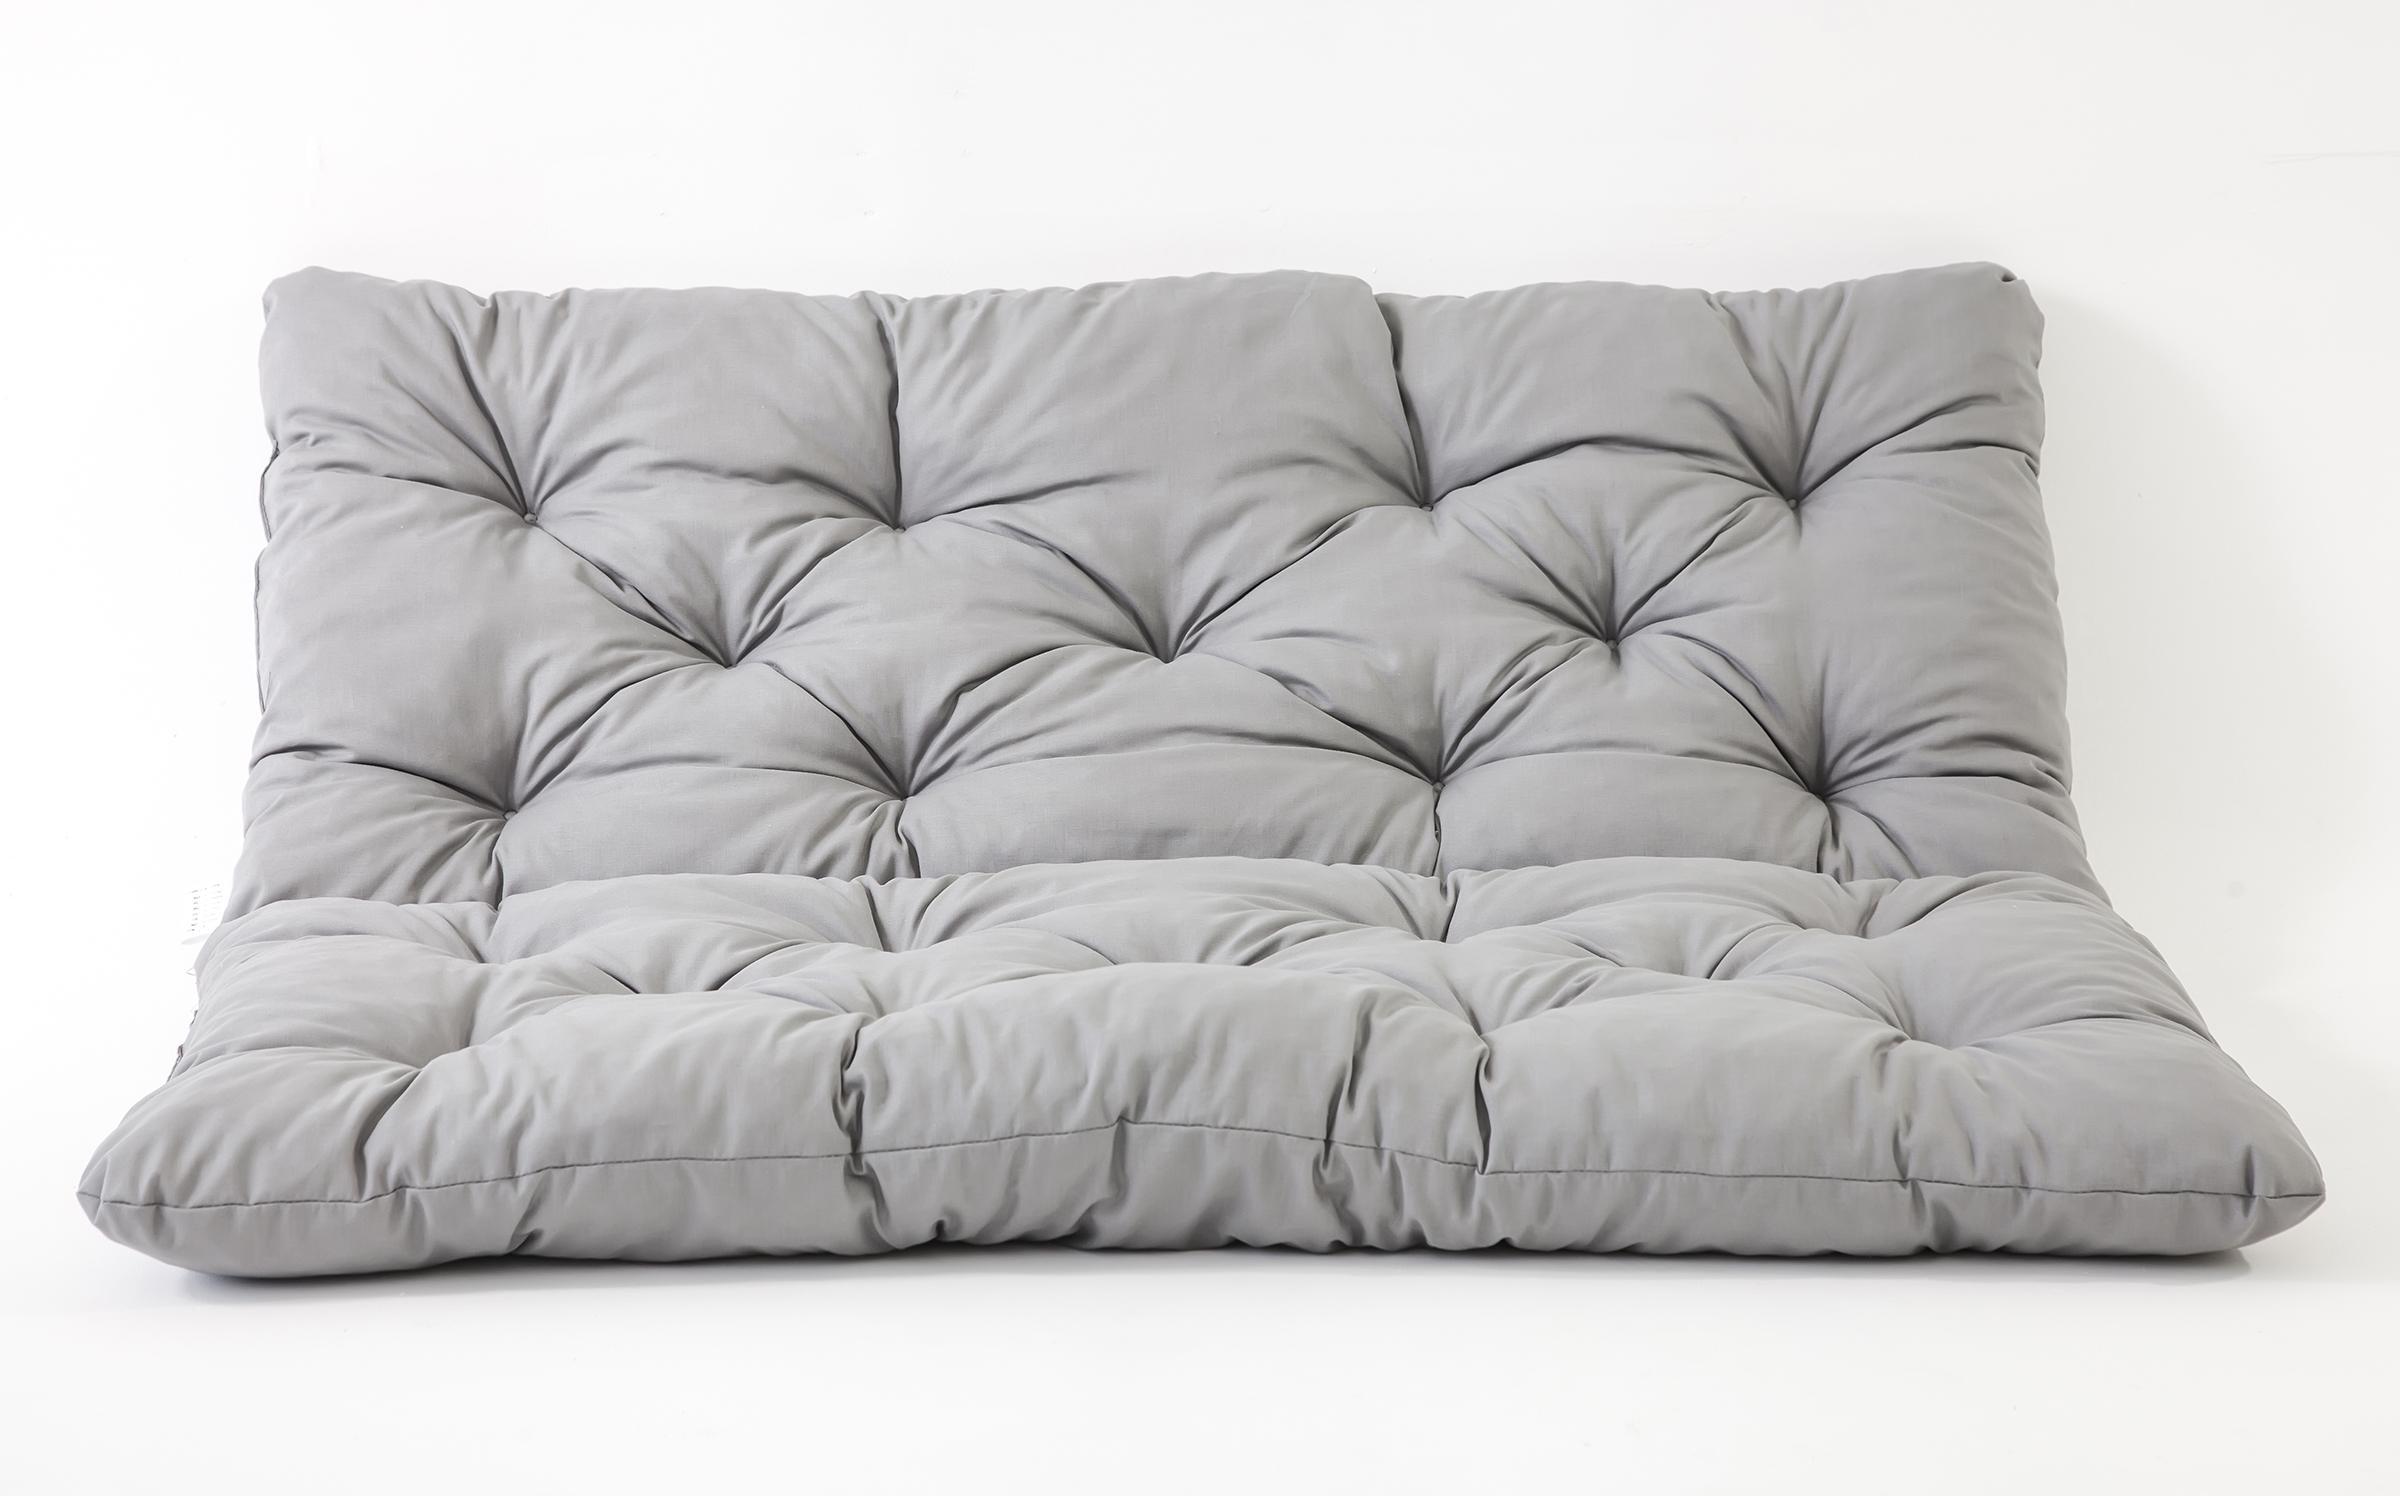 ambientehome 3er bank sitzkissen und r ckenkissen hanko grau ca 150 x 98 x 8 cm bankauflage. Black Bedroom Furniture Sets. Home Design Ideas